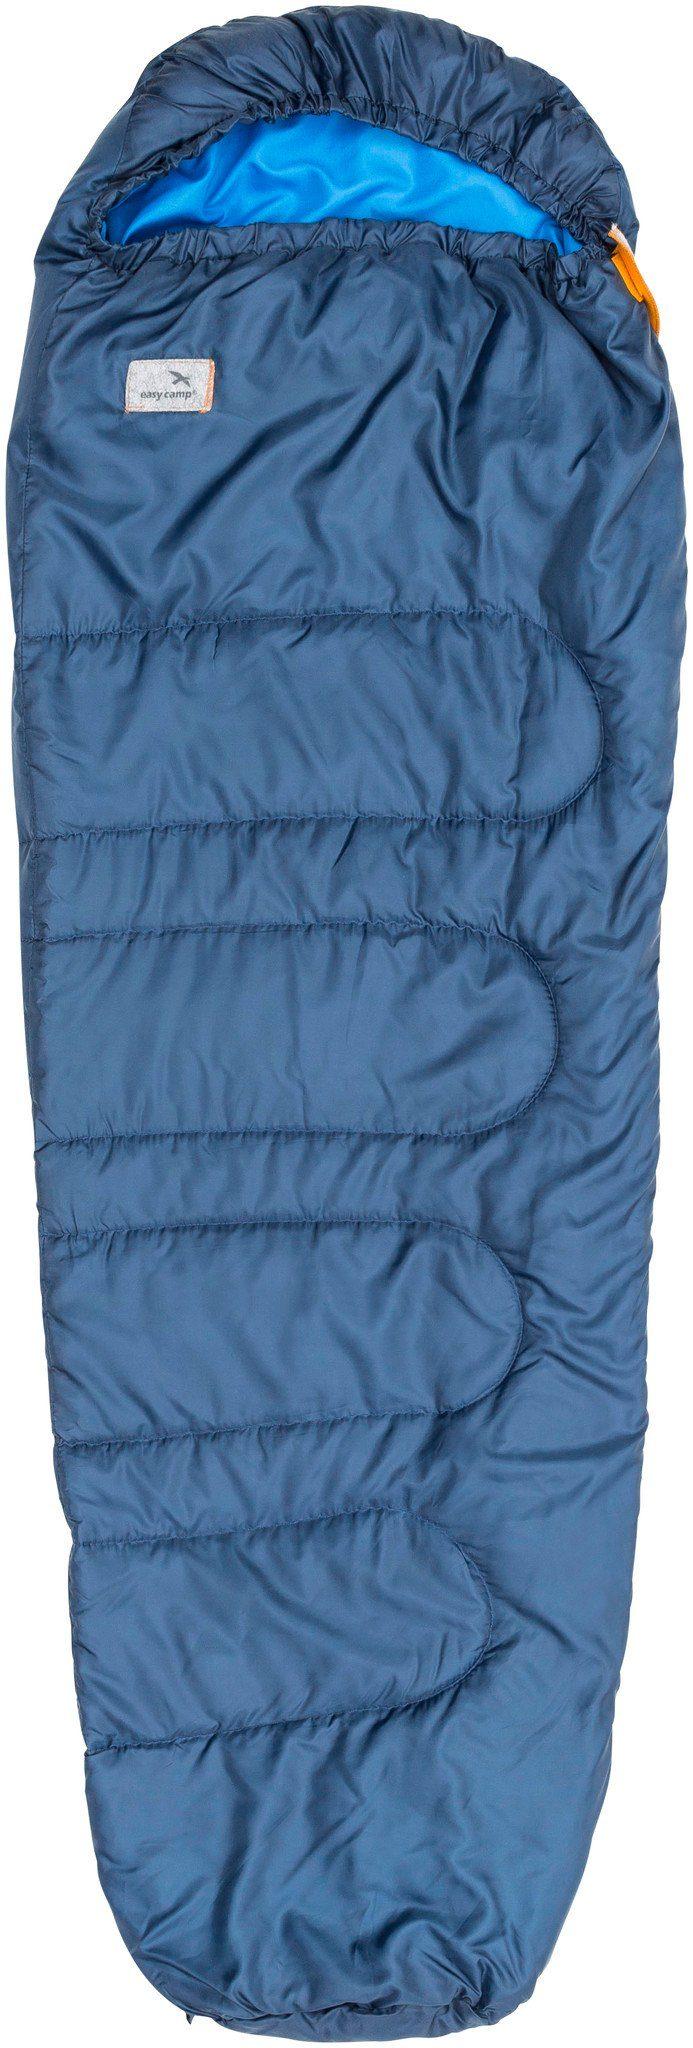 Easy Camp Schlafsack »Cosmos Junior Sleeping Bag«